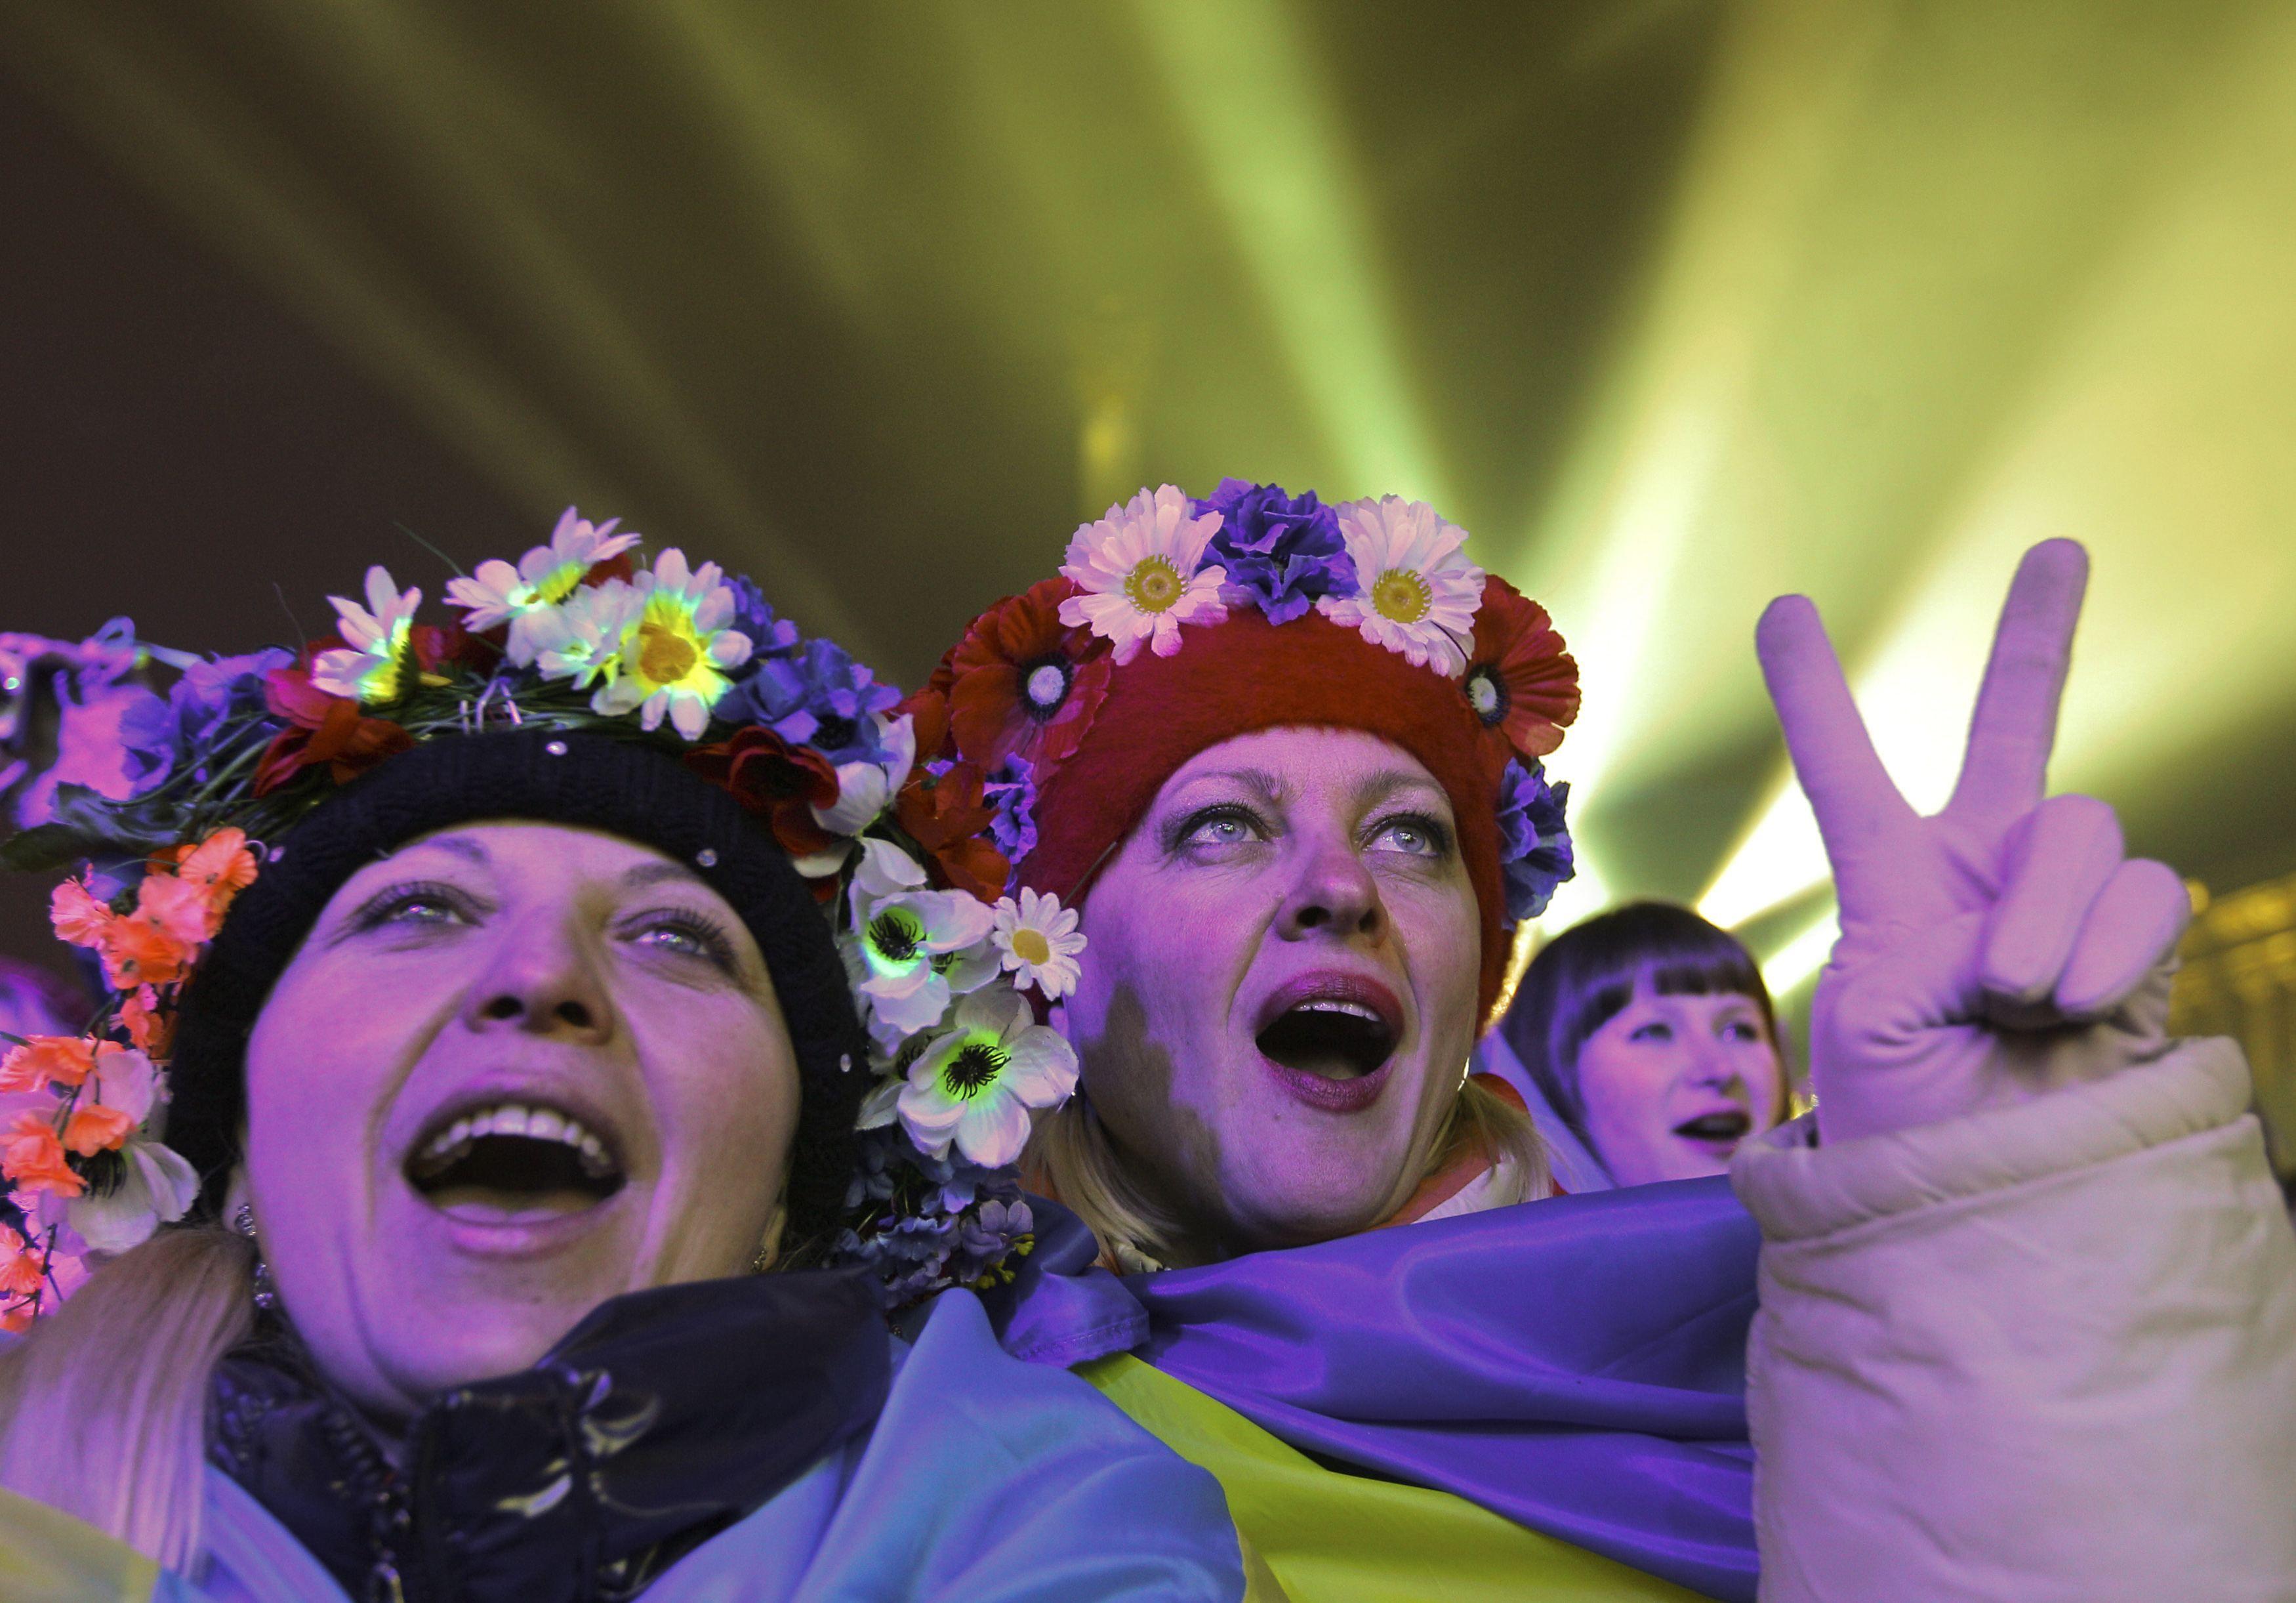 Опубликованы новые фото и видео праздничного Майдана: в милиции сотен тысяч людей не увидели